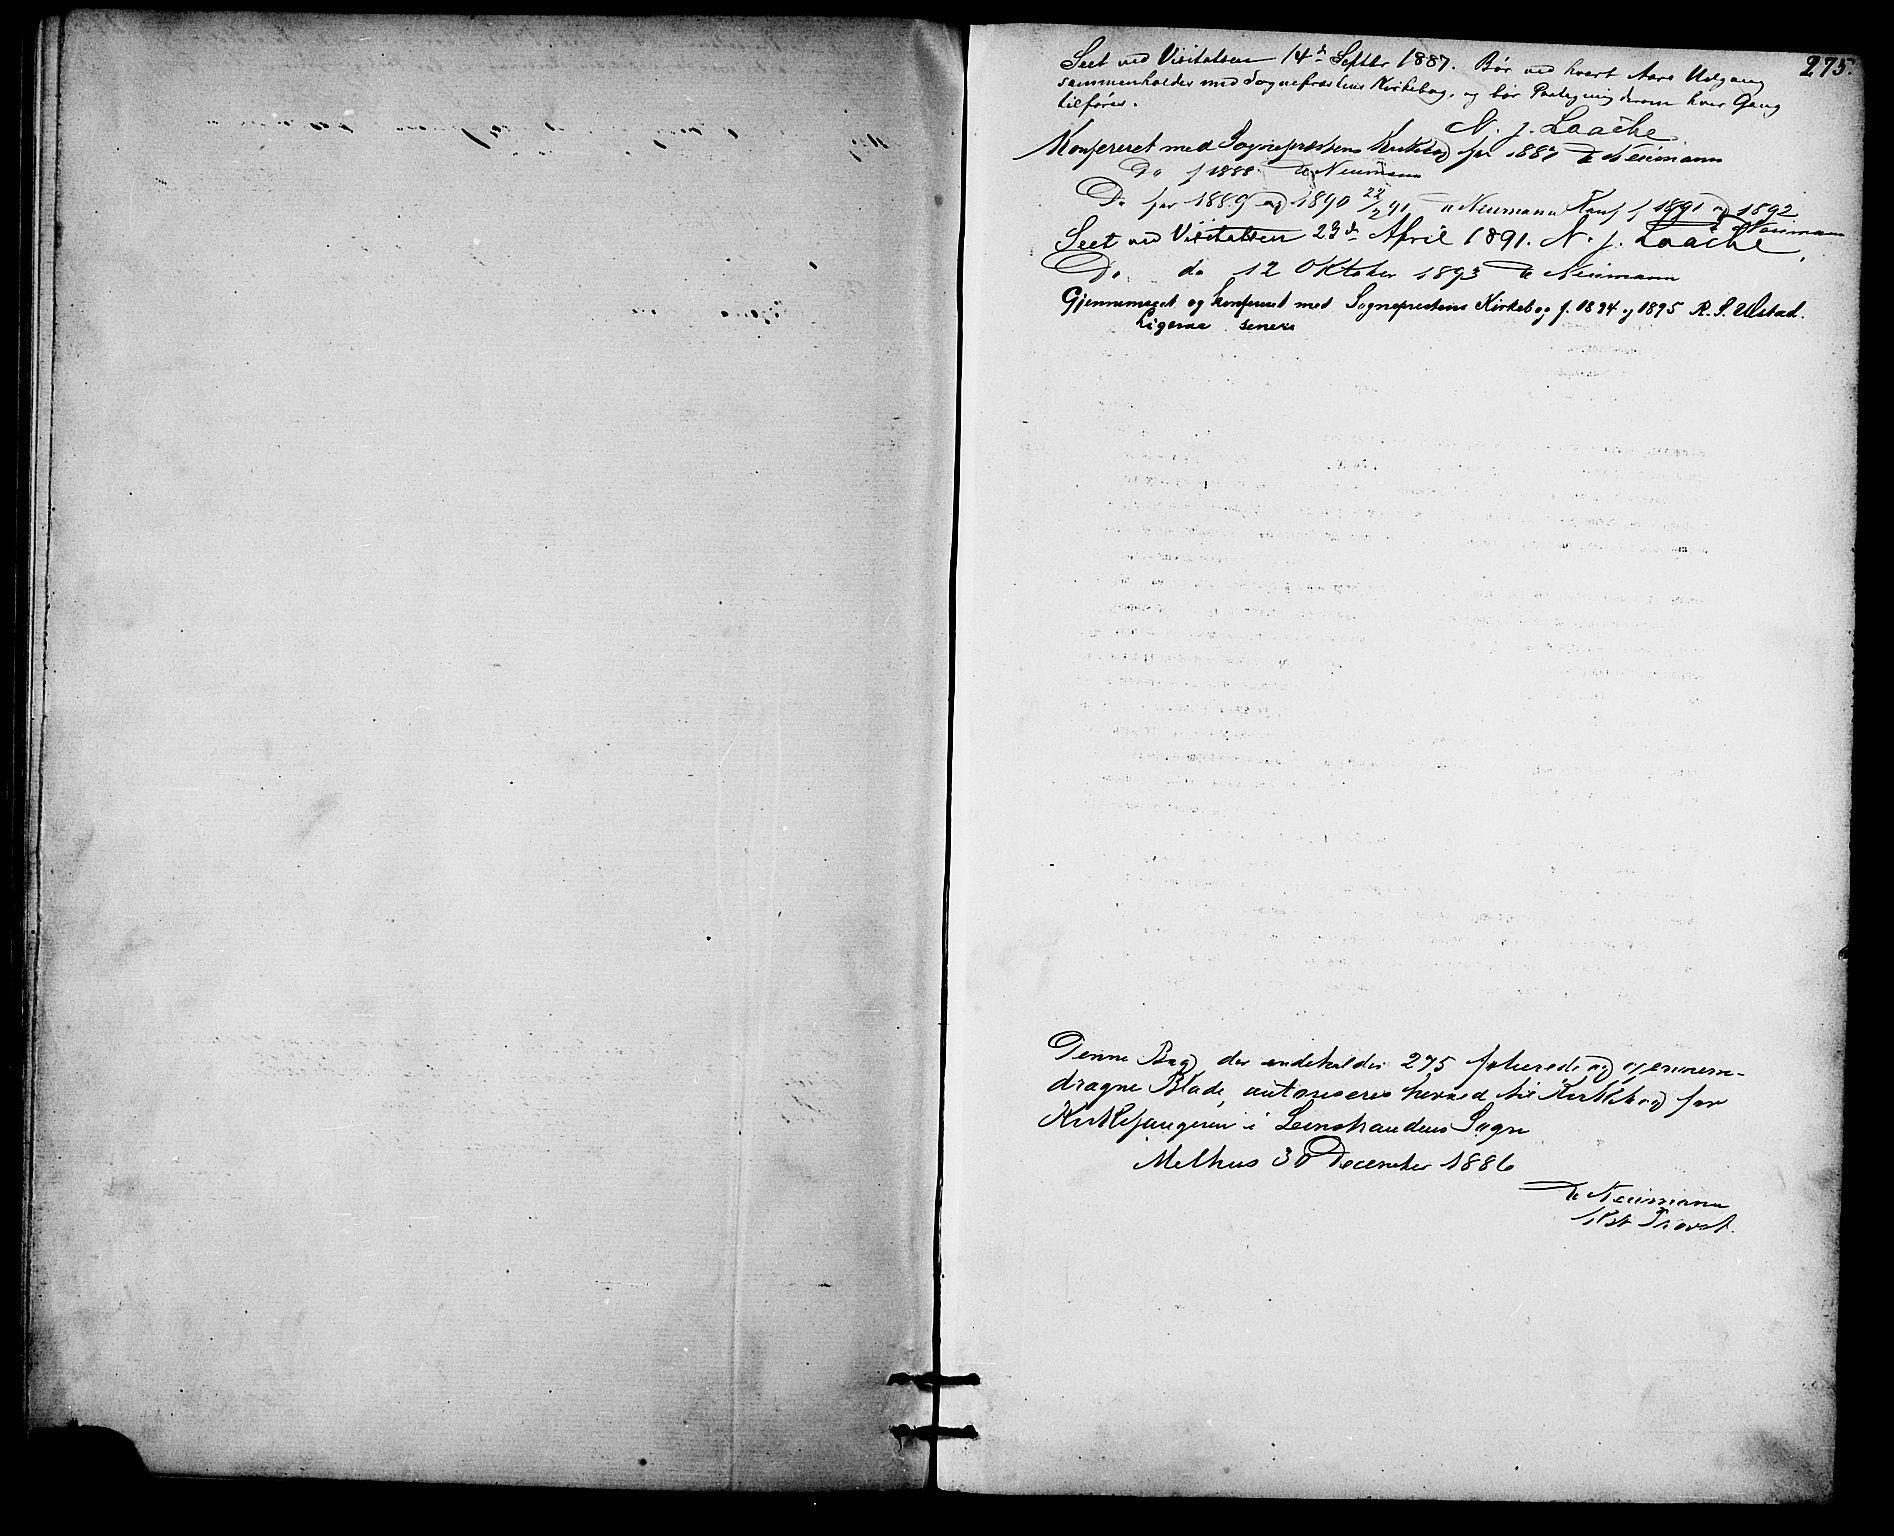 SAT, Ministerialprotokoller, klokkerbøker og fødselsregistre - Sør-Trøndelag, 613/L0395: Klokkerbok nr. 613C03, 1887-1909, s. 275